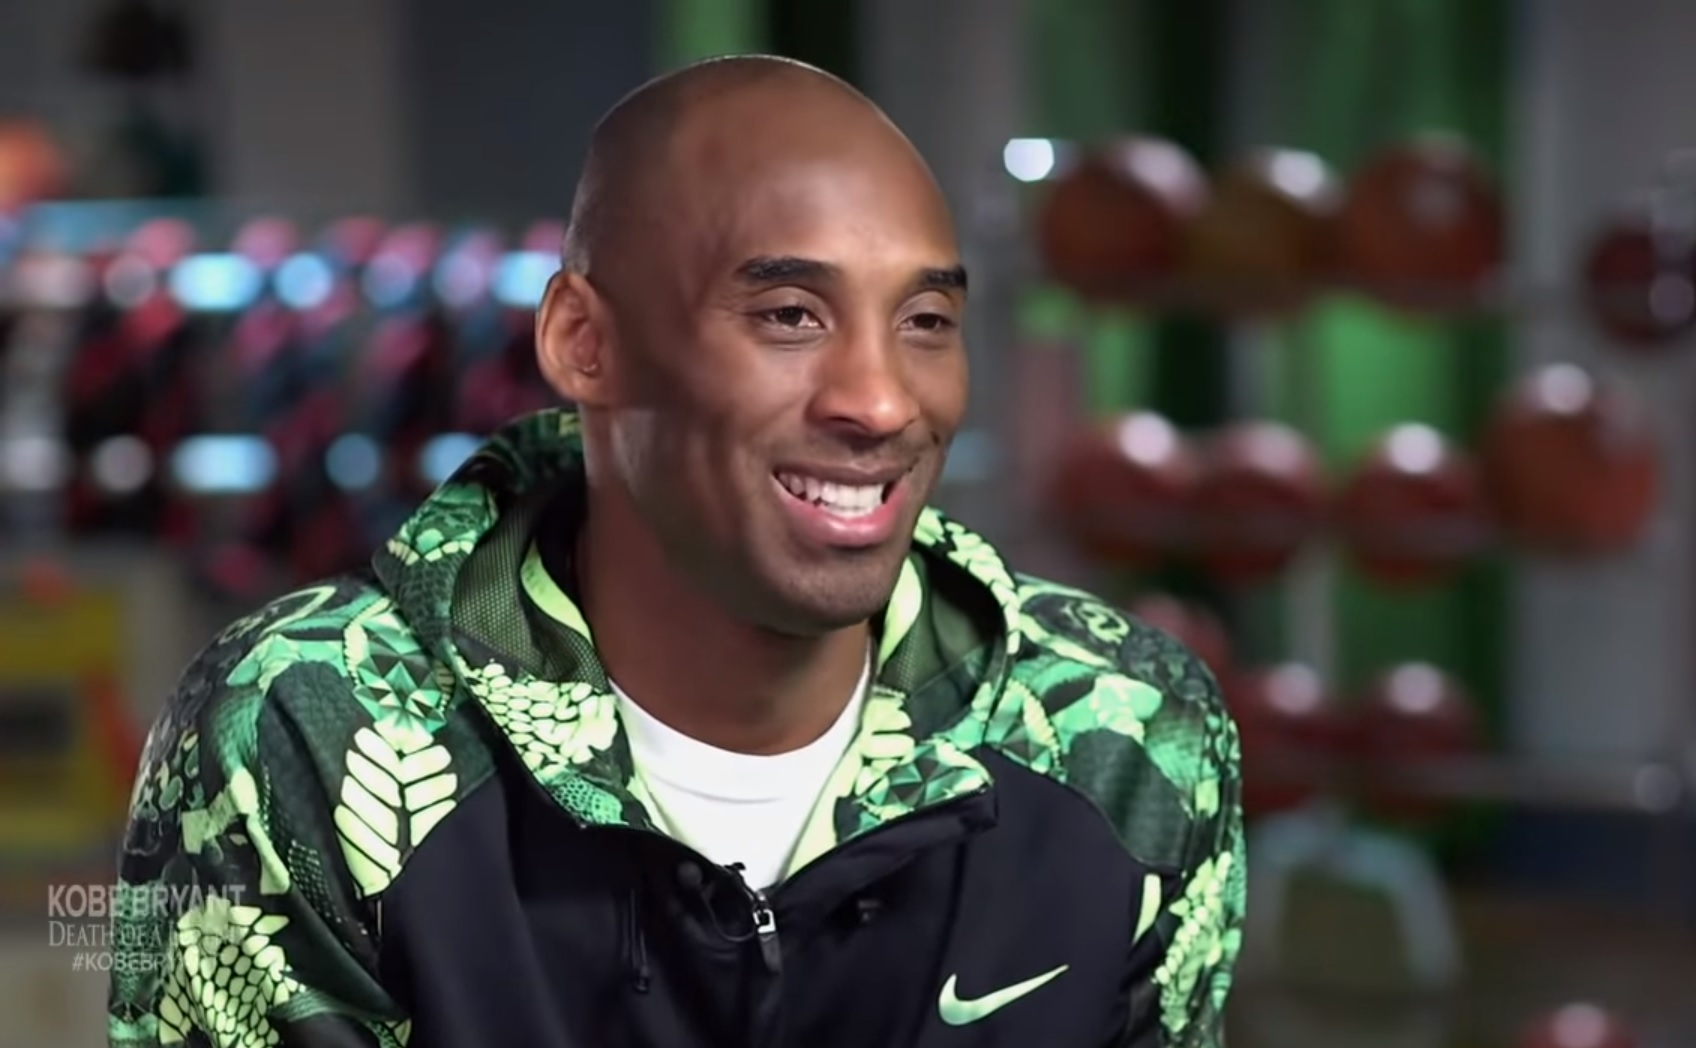 Ανατριχιαστικό: Ένα tweet το 2012 «προέβλεπε» τον θάνατο του Kobe Bryant από πτώση ελικοπτέρου!